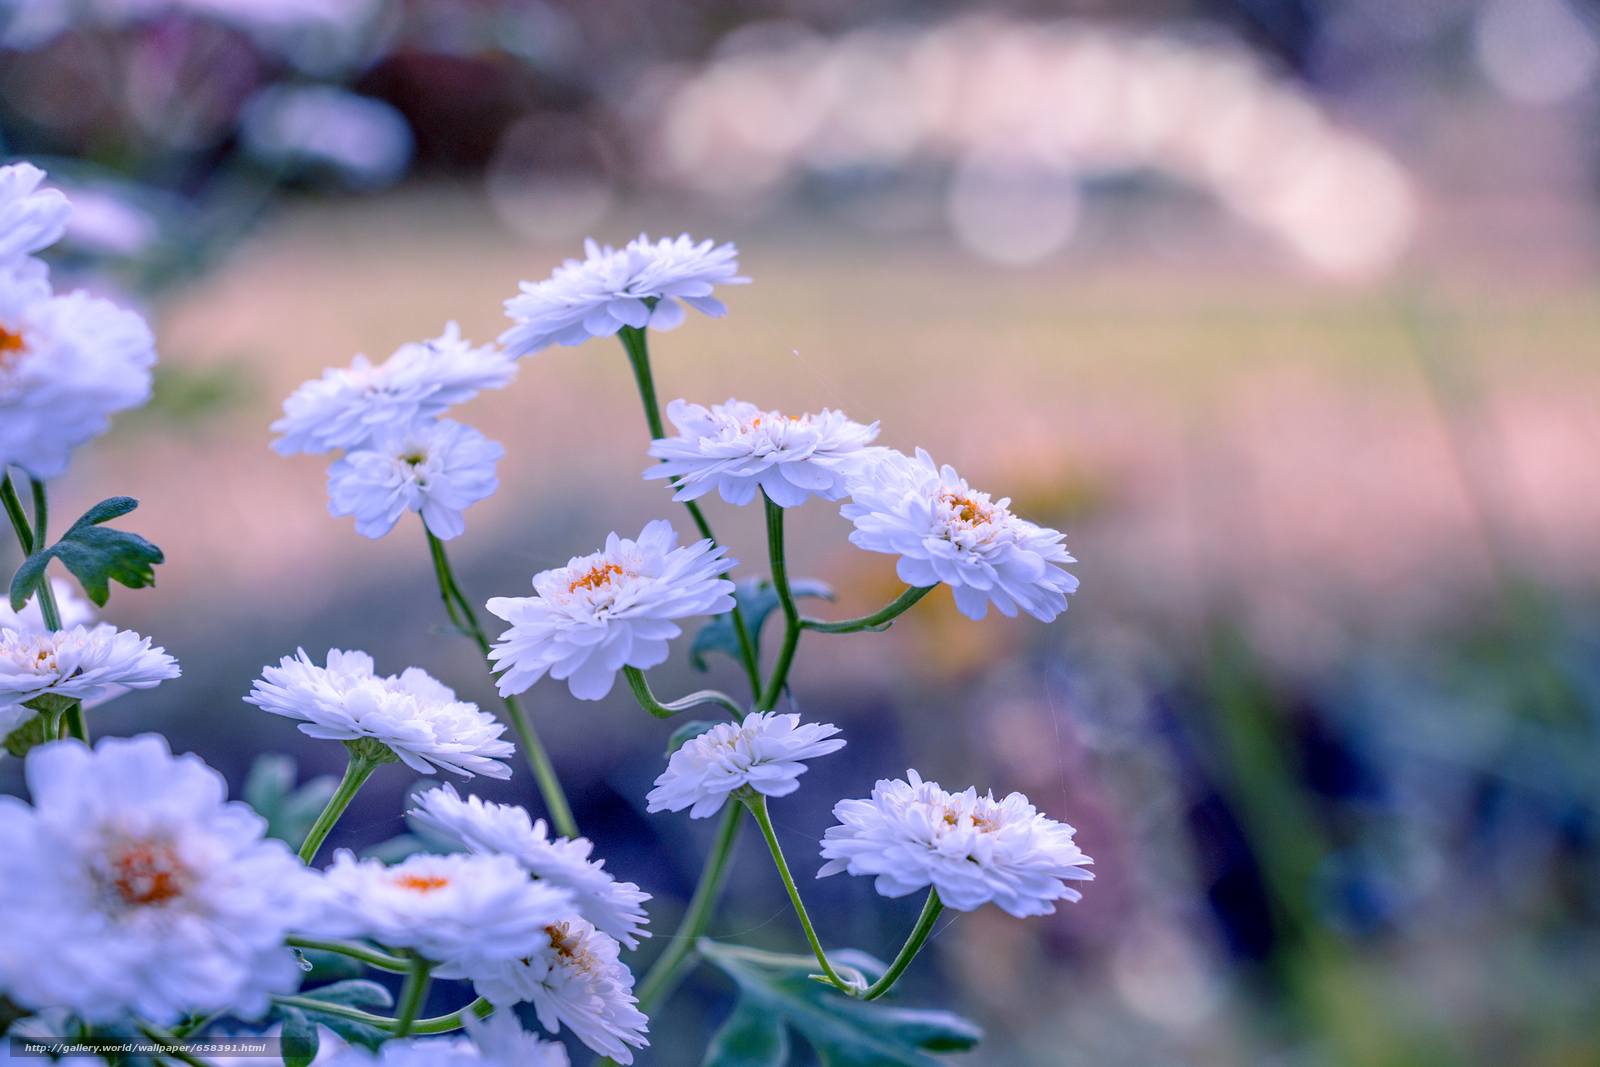 pobra tapety kwiat,  Kwiaty,  flora Darmowe tapety na pulpit rozdzielczoci 2472x1648 — zdjcie №658391